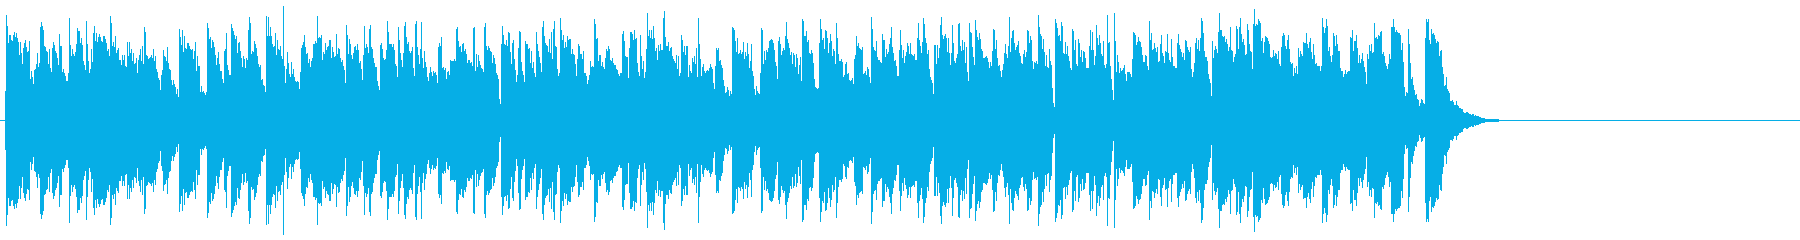 悪さする様なポップ(A~エンド)の再生済みの波形